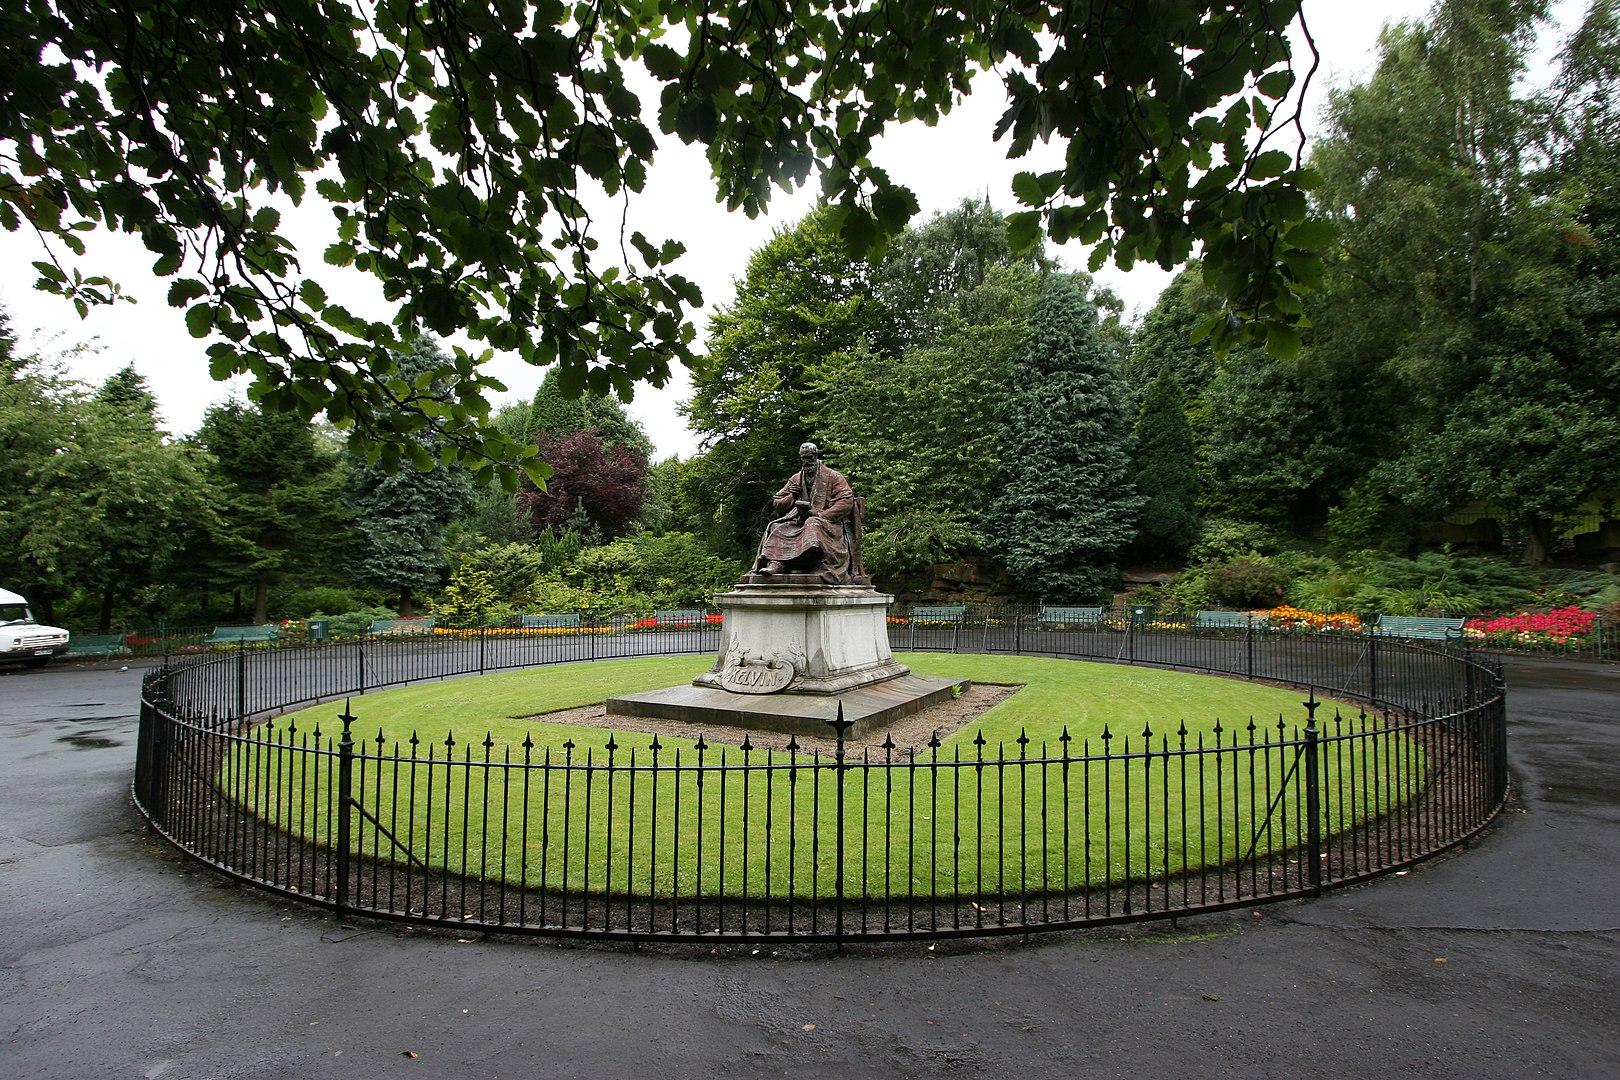 Memorial of William Thomson